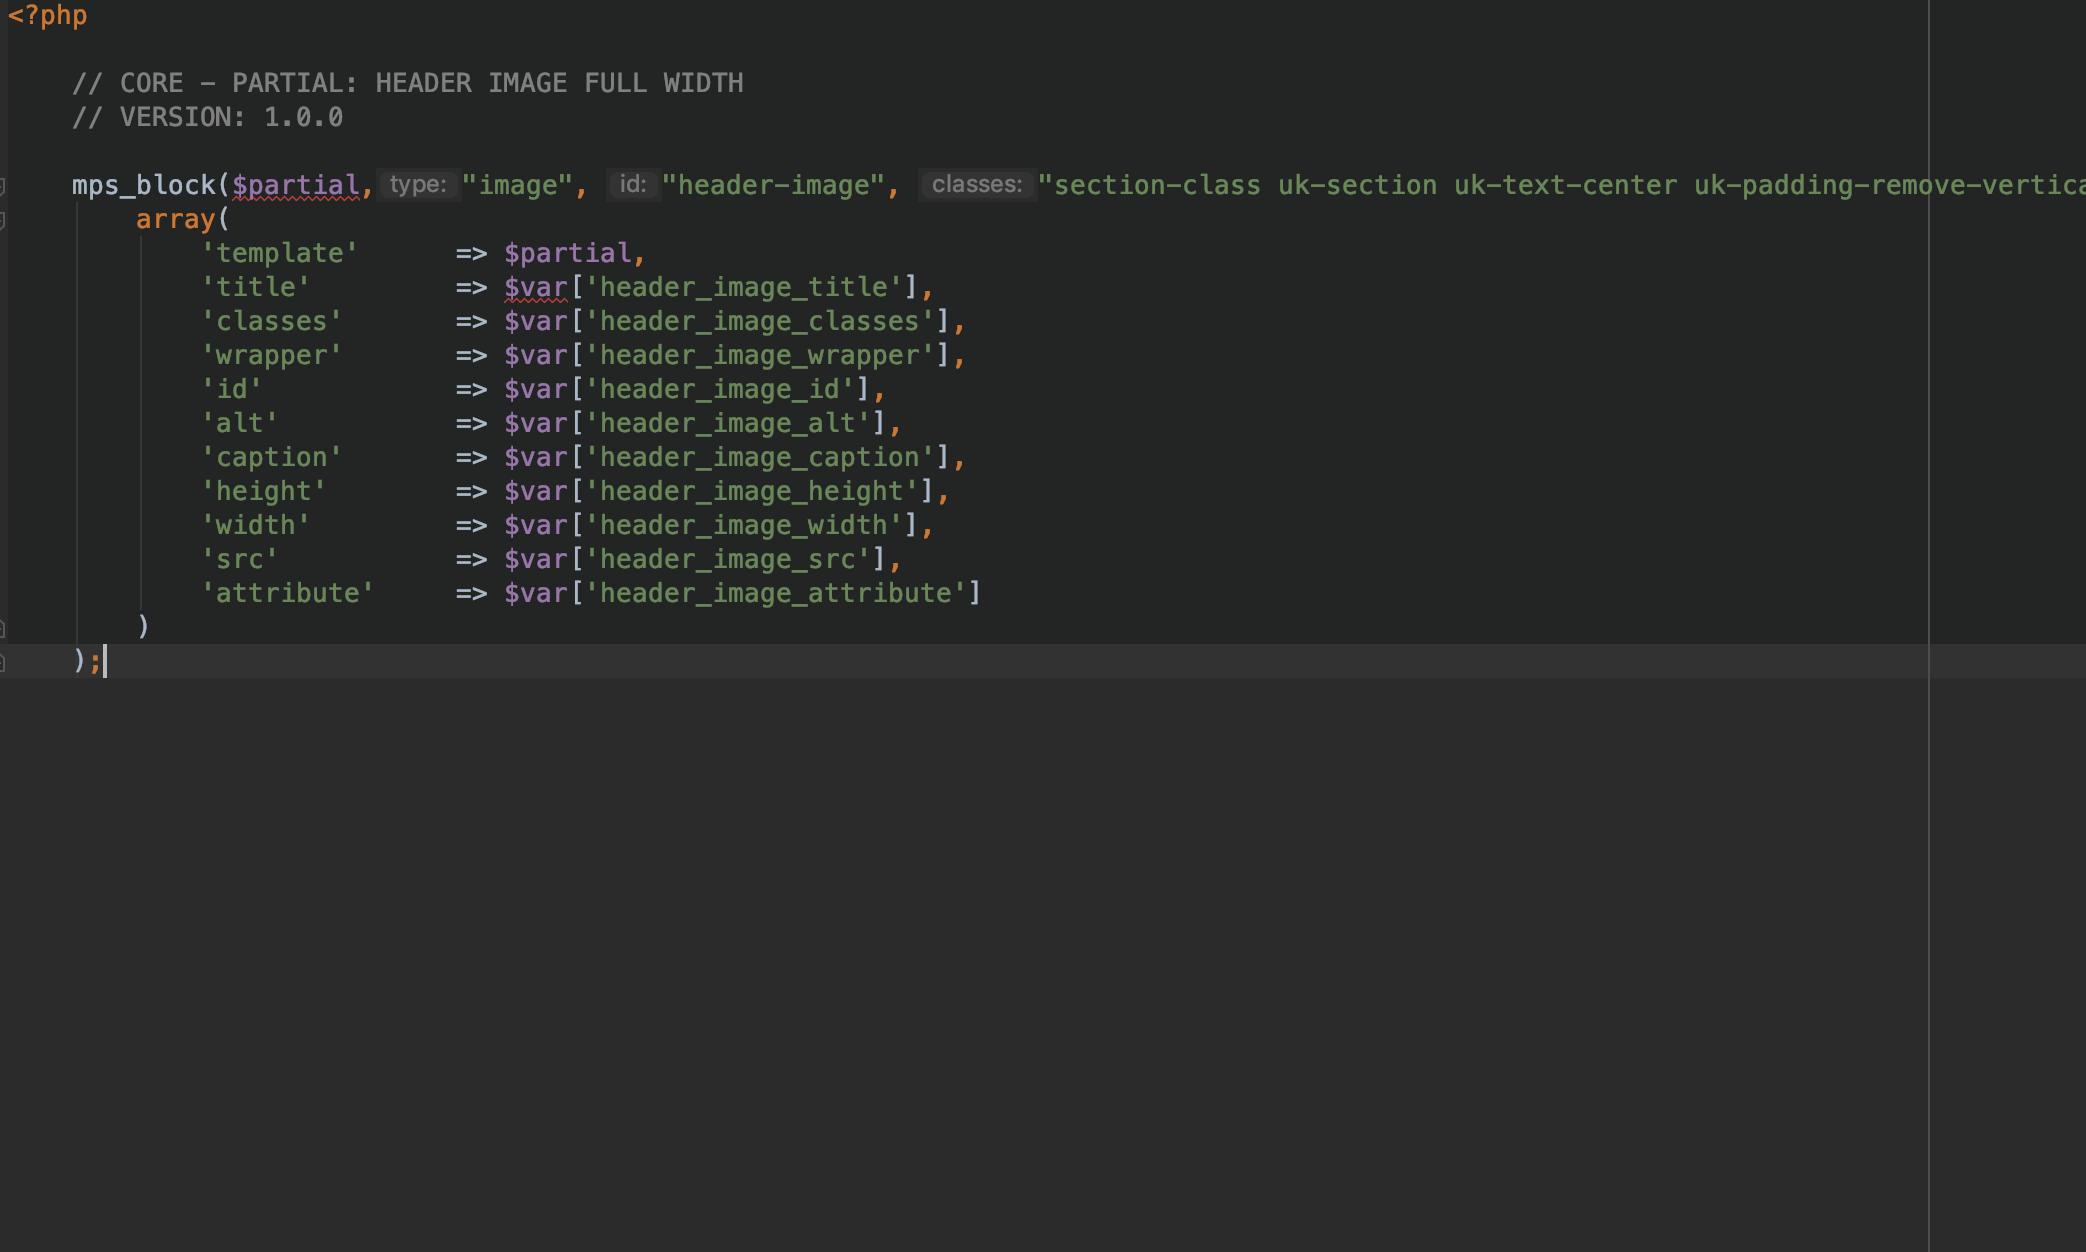 Code view (in PhpStorm) of core code (Header Image for UIkit 3)